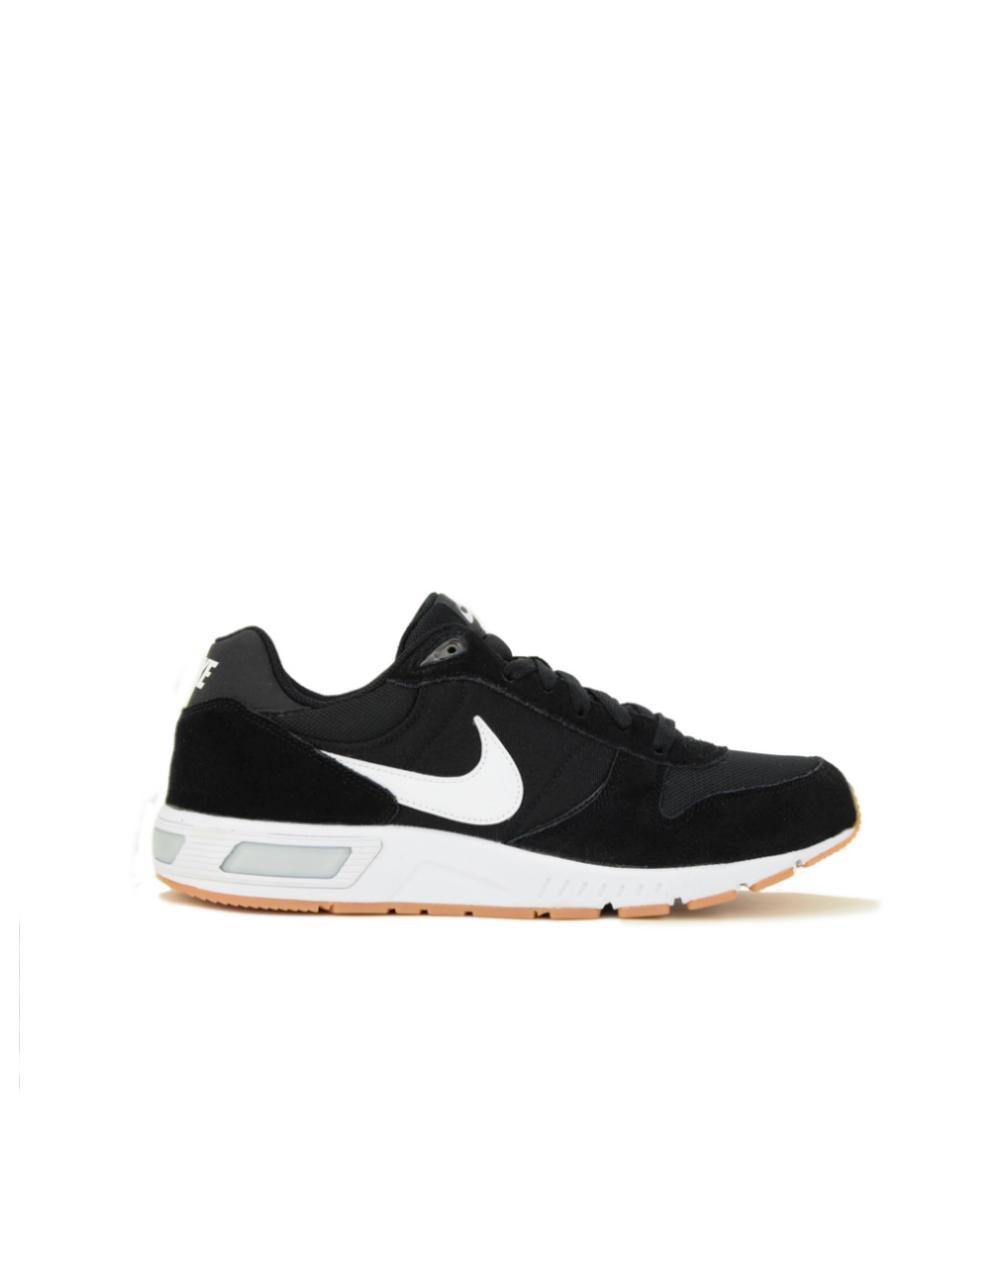 Nike Nightgazer Black White (644402 006)  a44408a5c